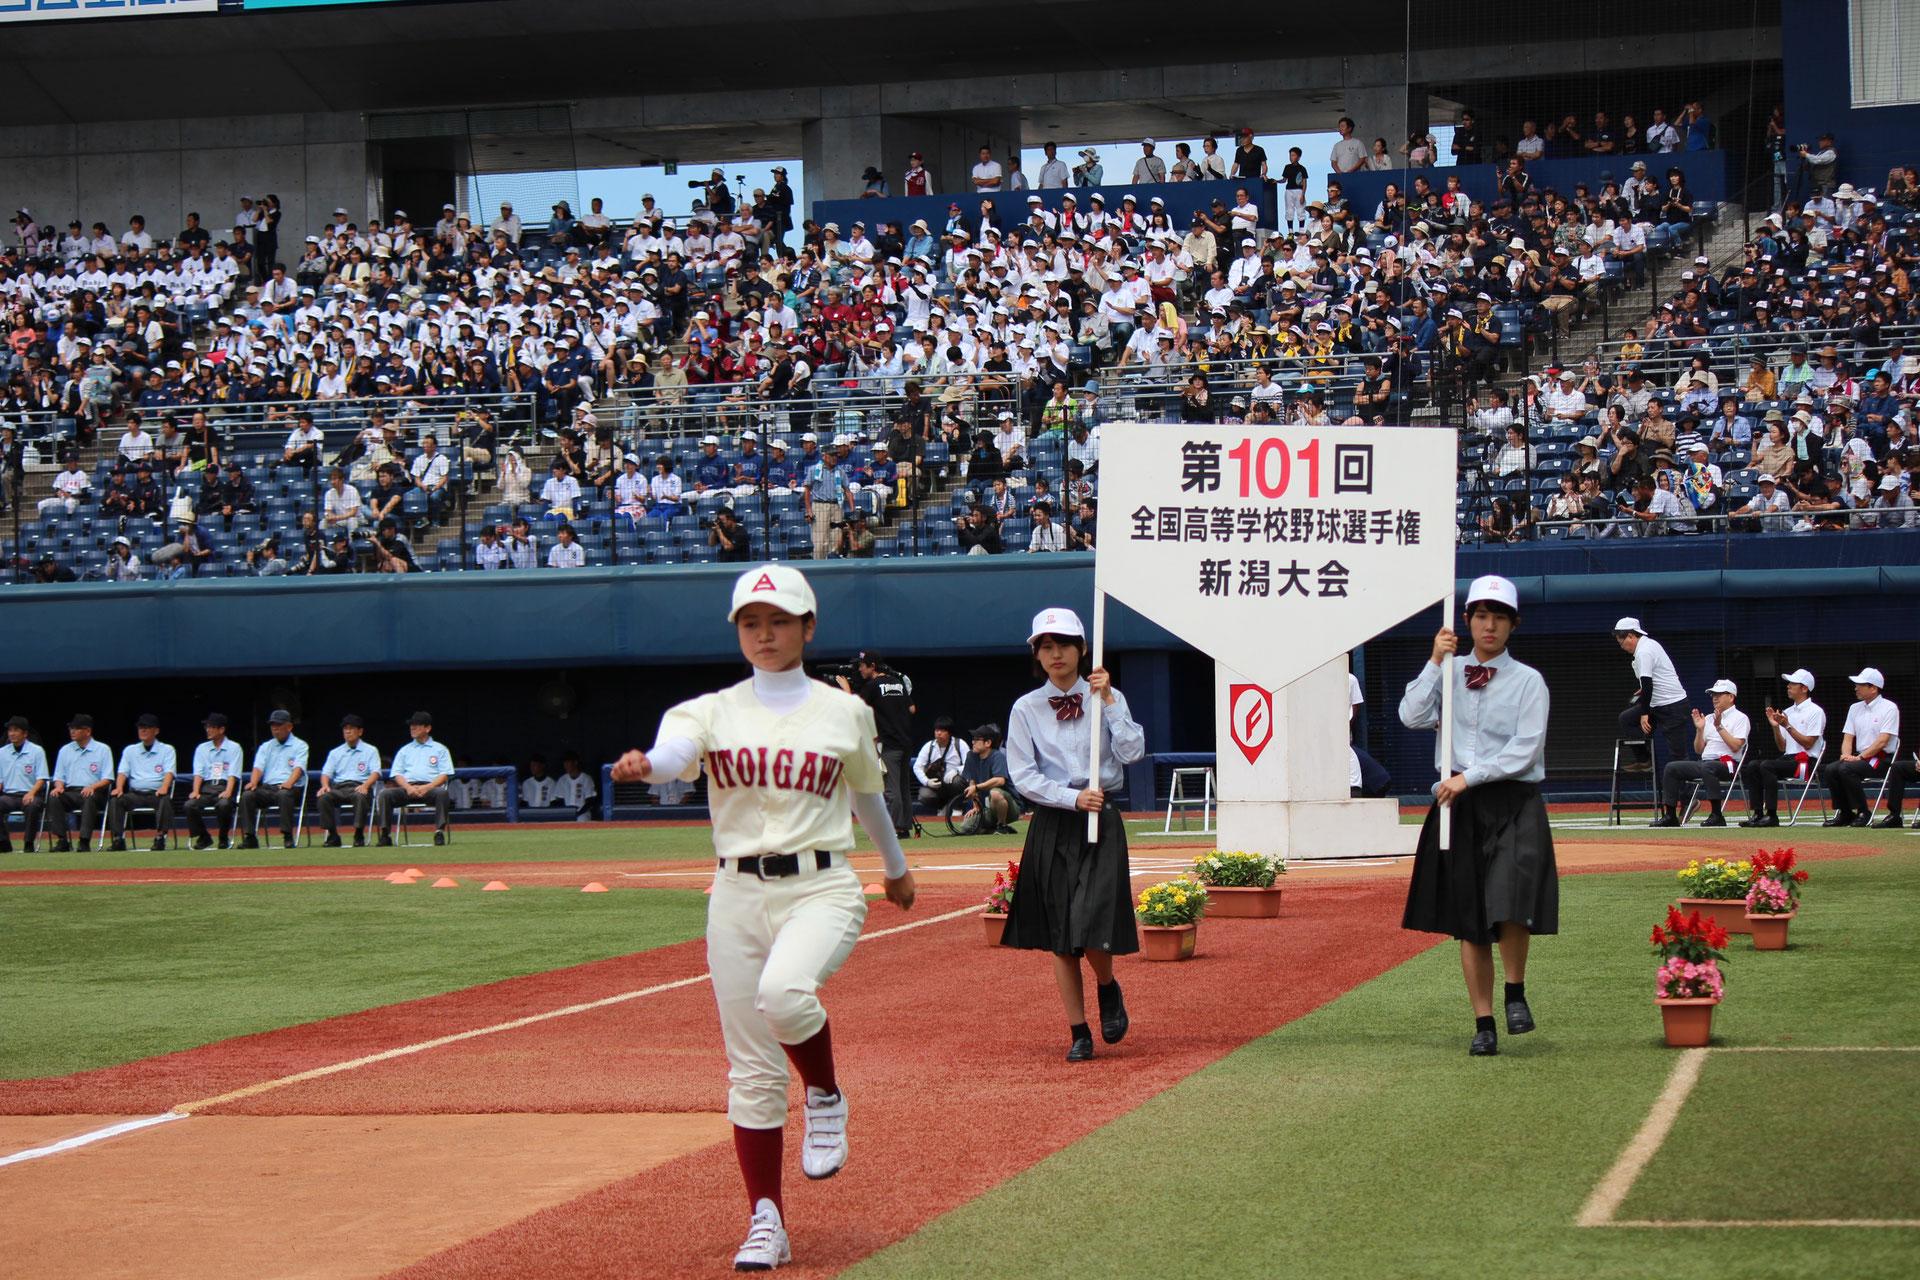 【高校】全国高校野球選手権新潟大会開会式